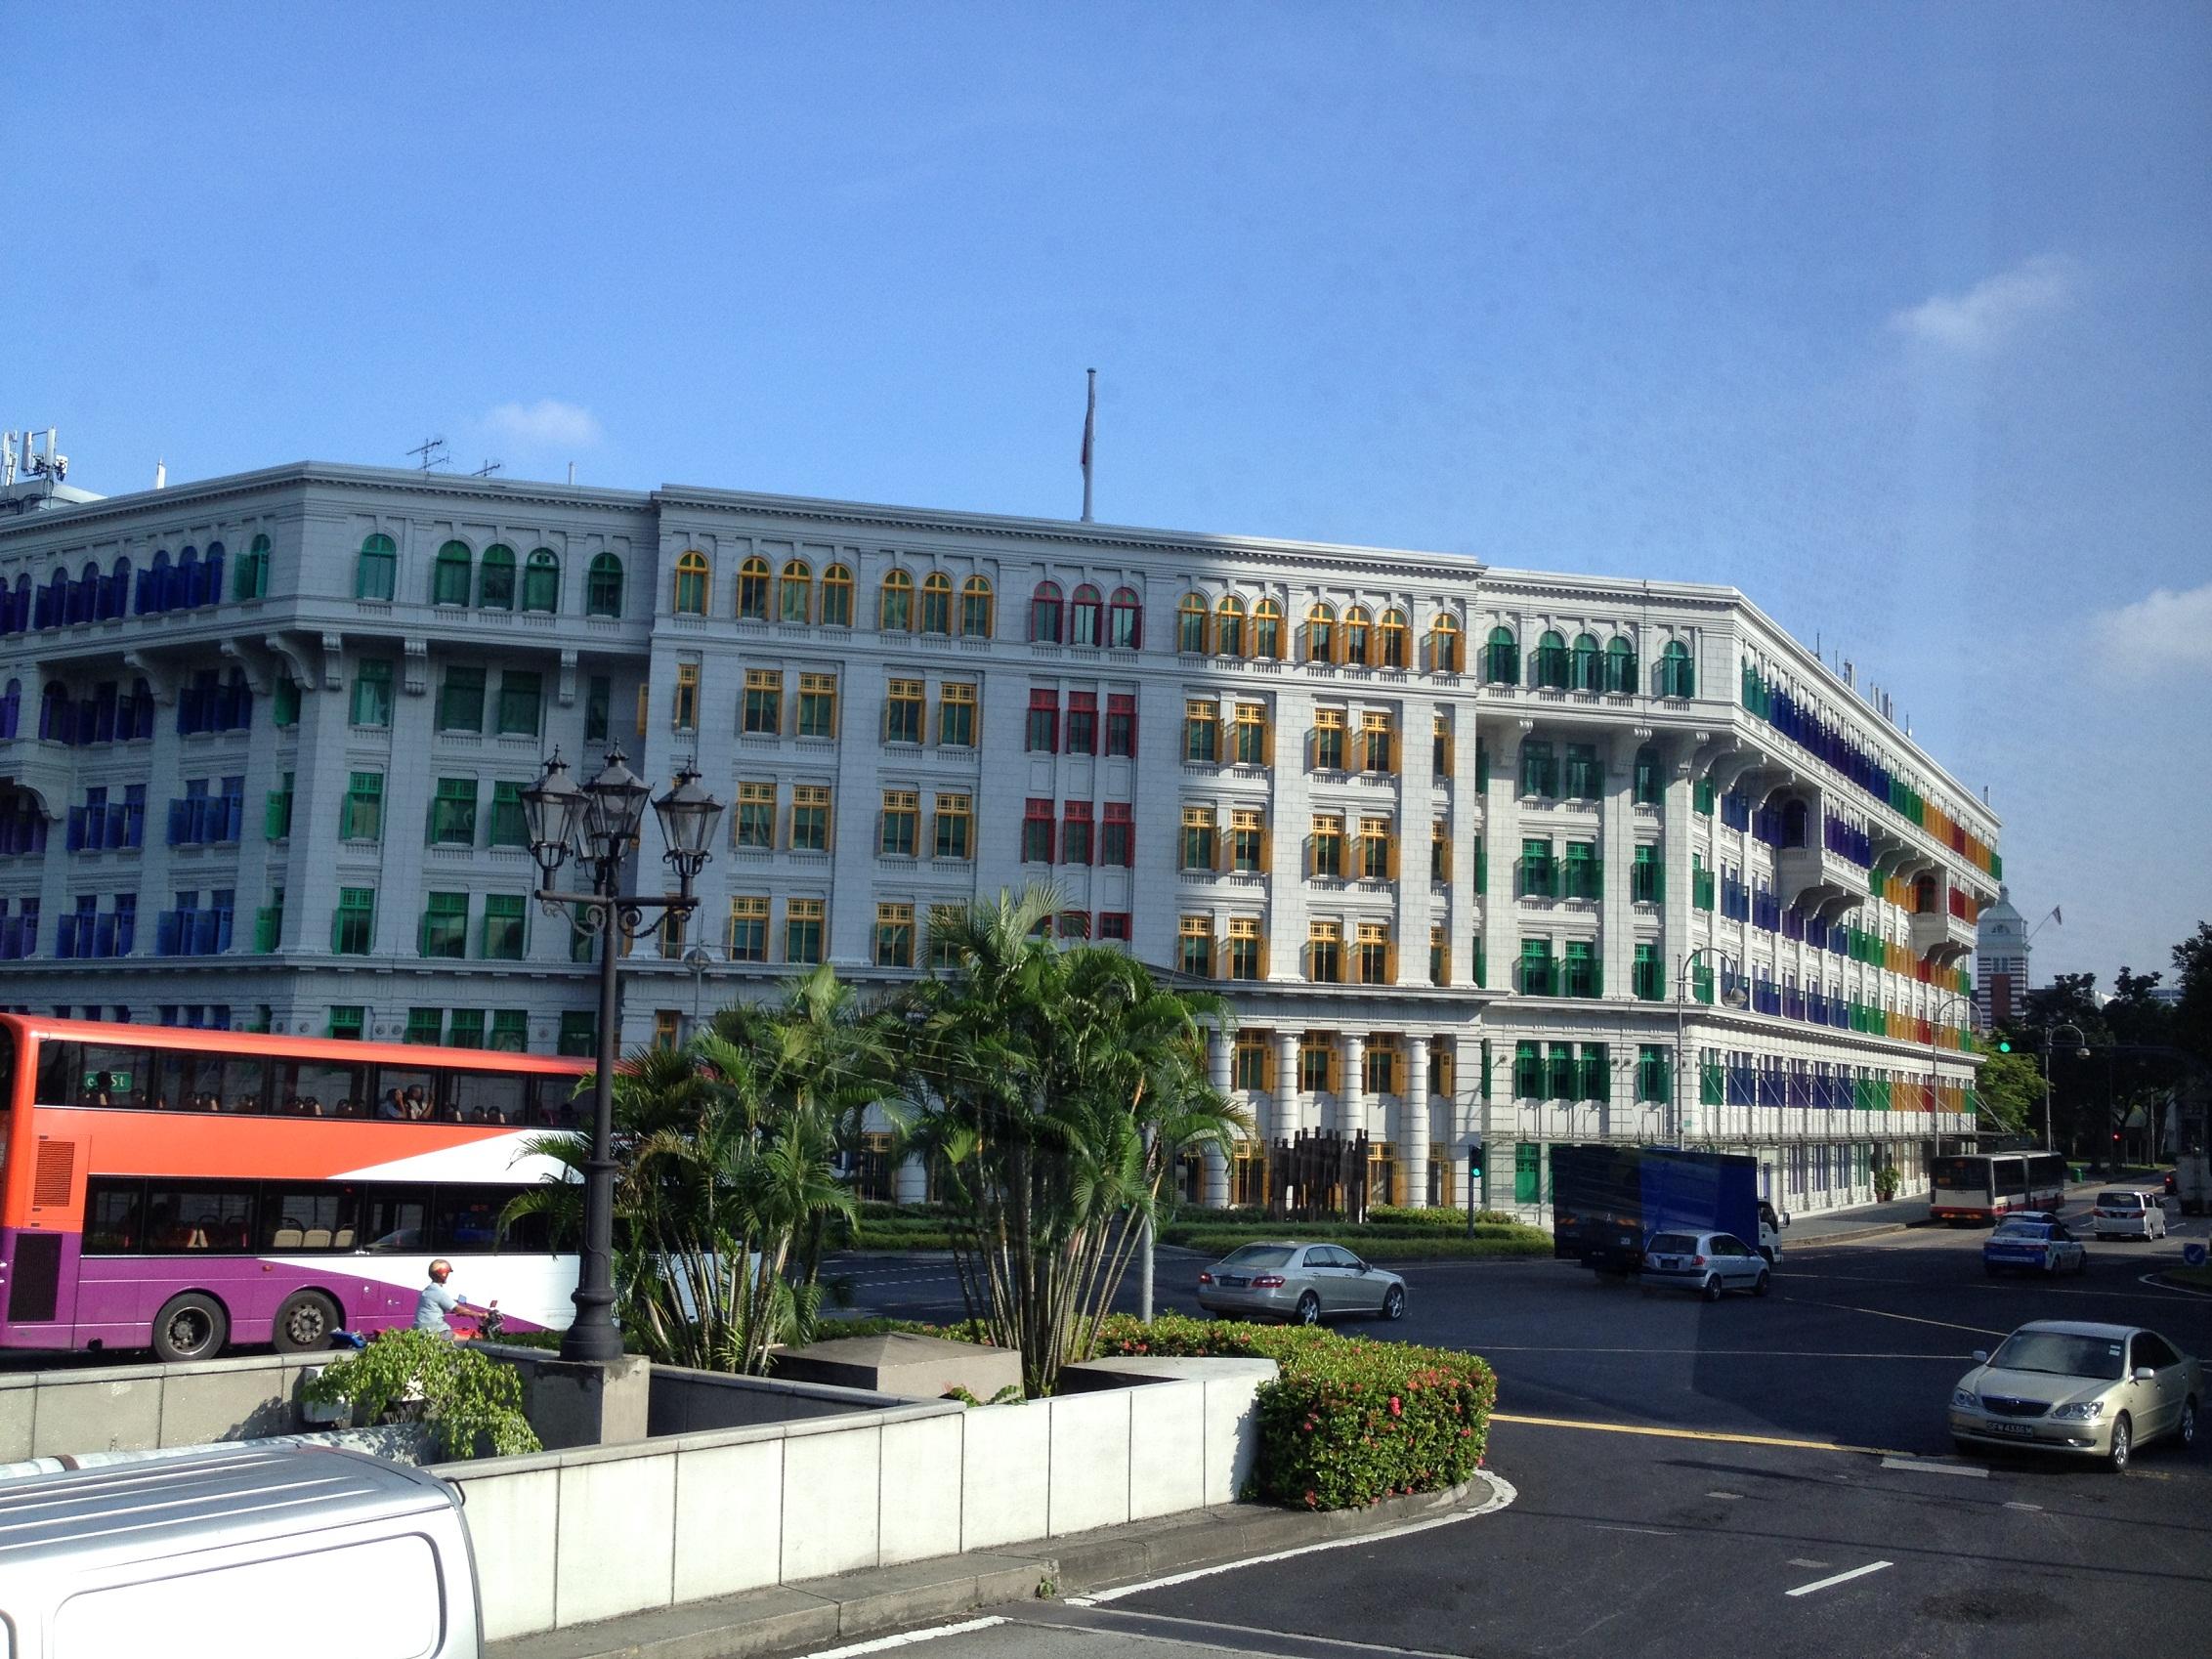 Jalan-Jalan Hari Minggu di Singapura, Jalan-Jalan Hari Minggu di Singapura, Jurnal Suzannita